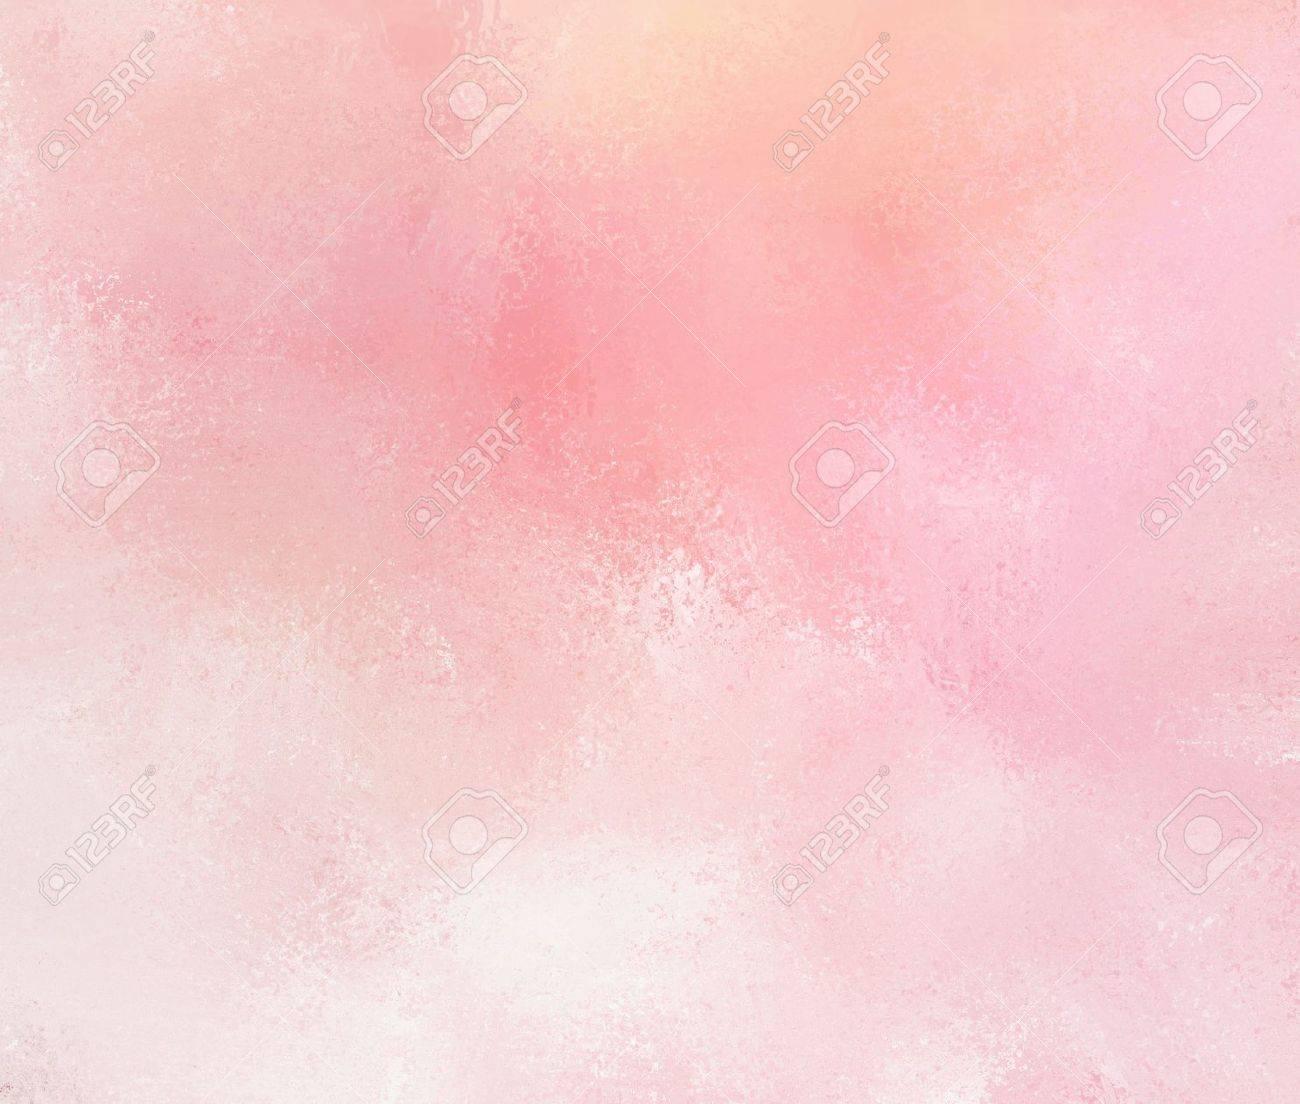 Sfondo Rosa Astratto Con Sbiaditi Pennellate Bianco Grunge